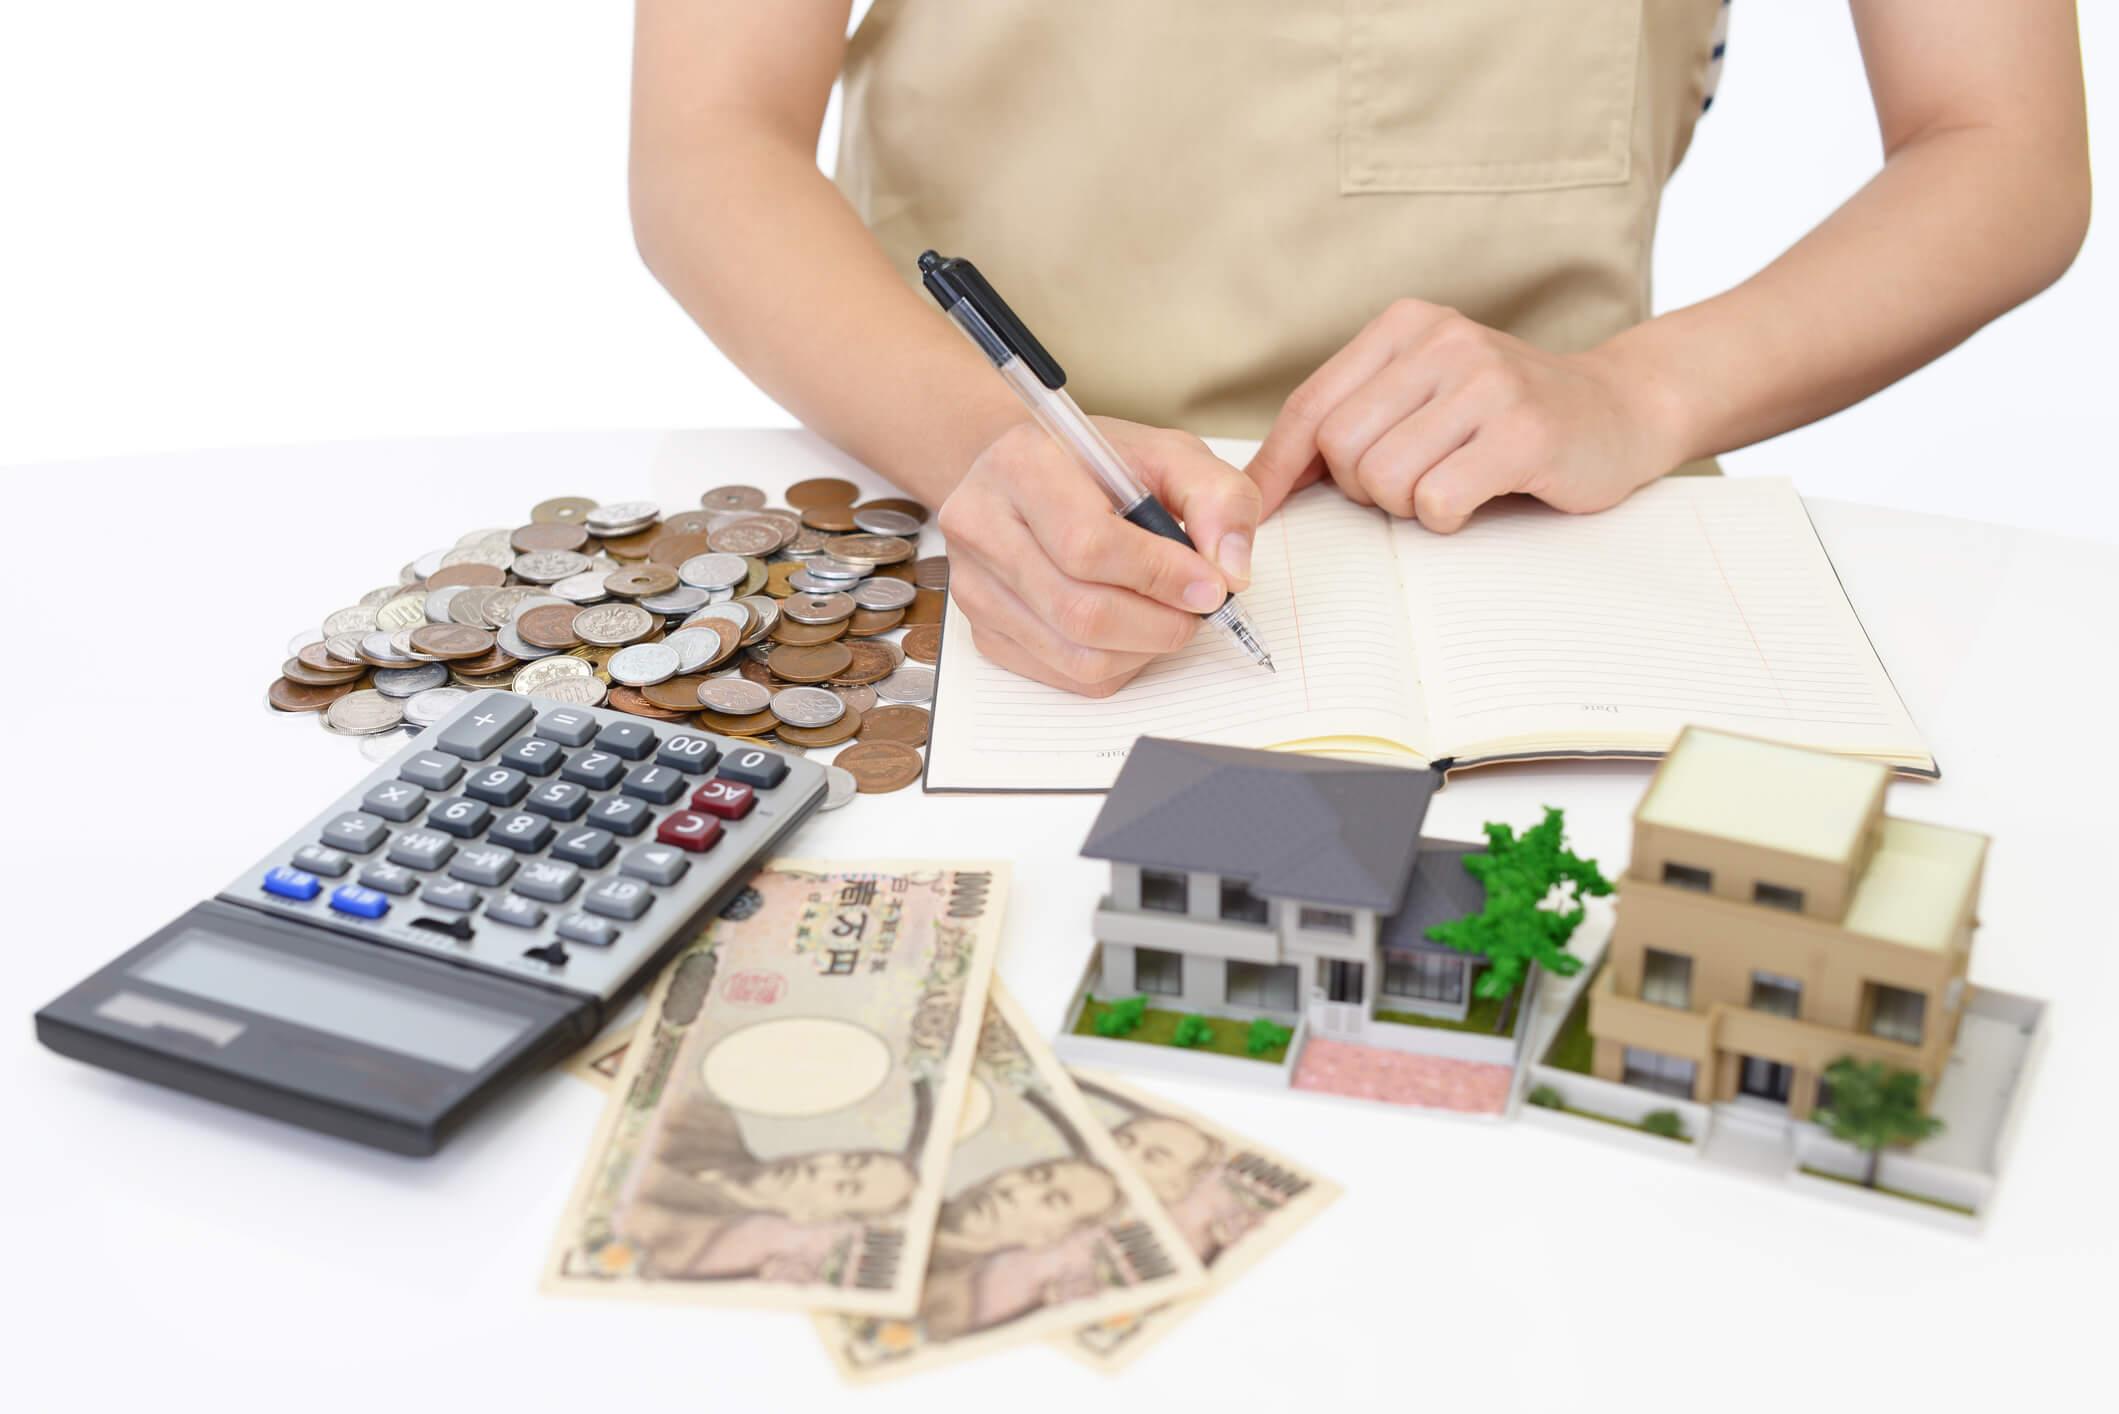 知らなければ損をする?不動産投資で計上できる経費と節税のこと